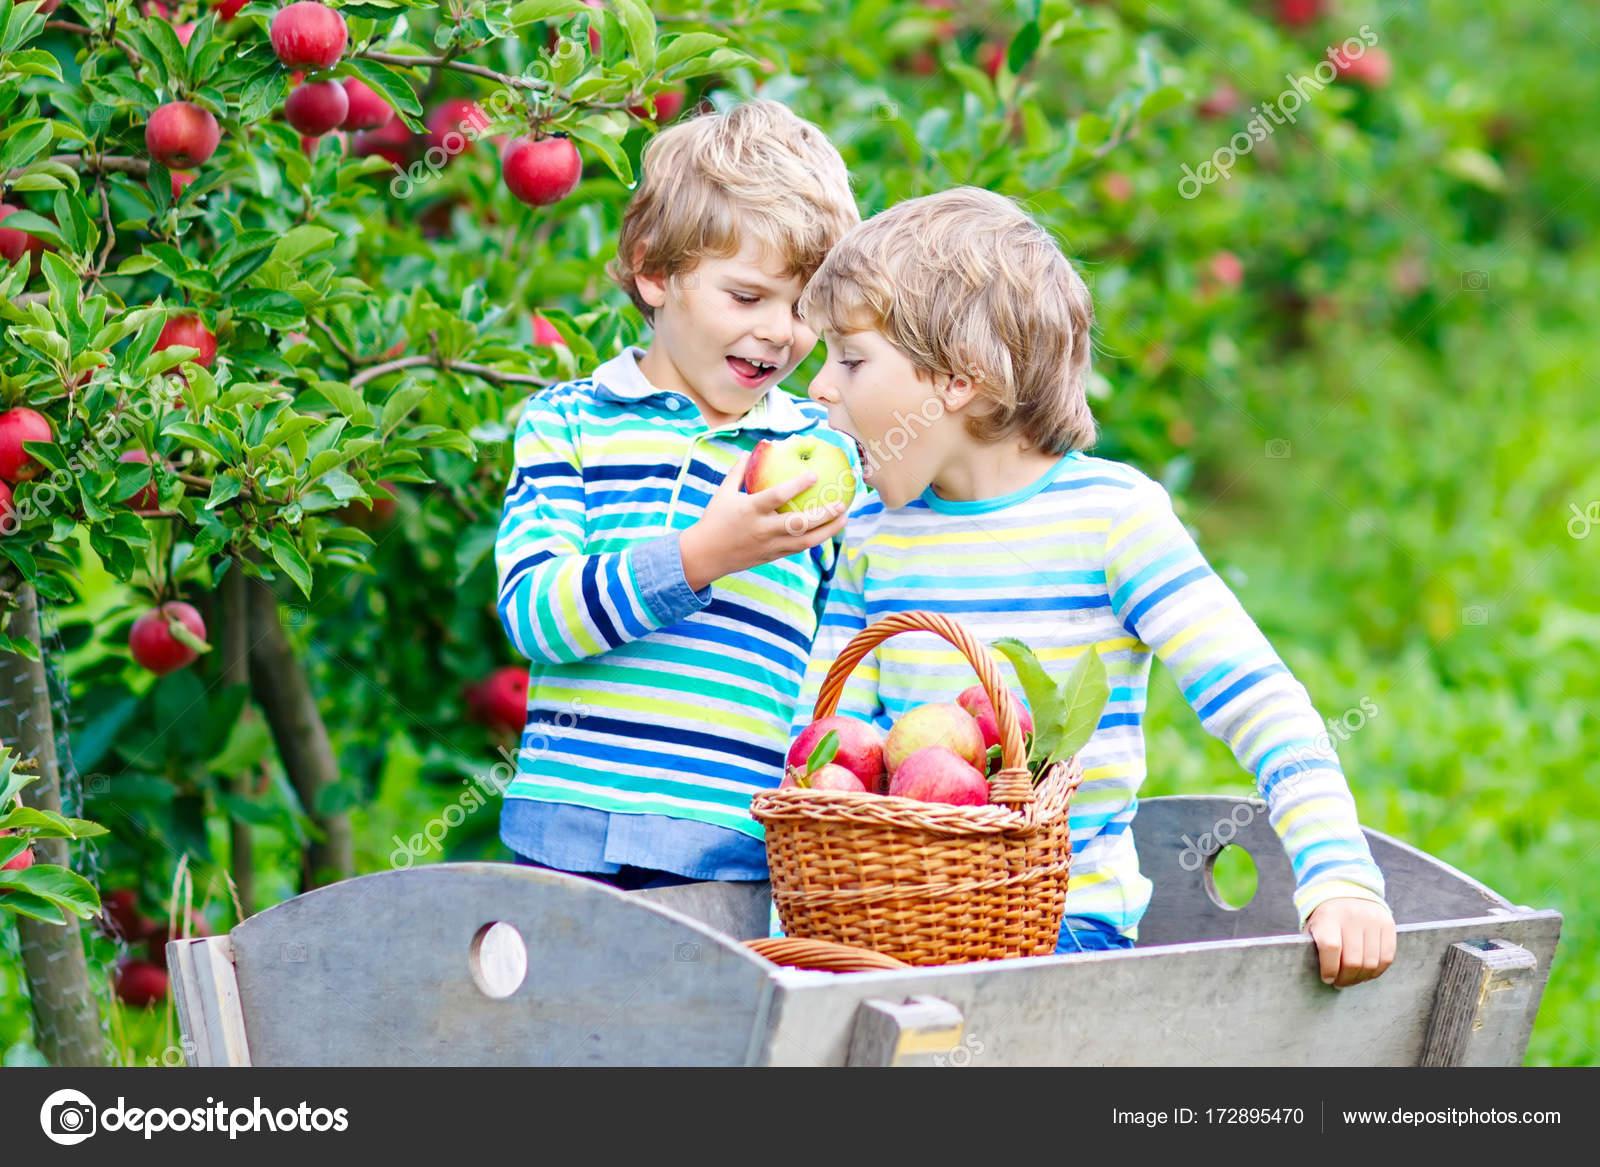 Красивые детей с яблоками 92